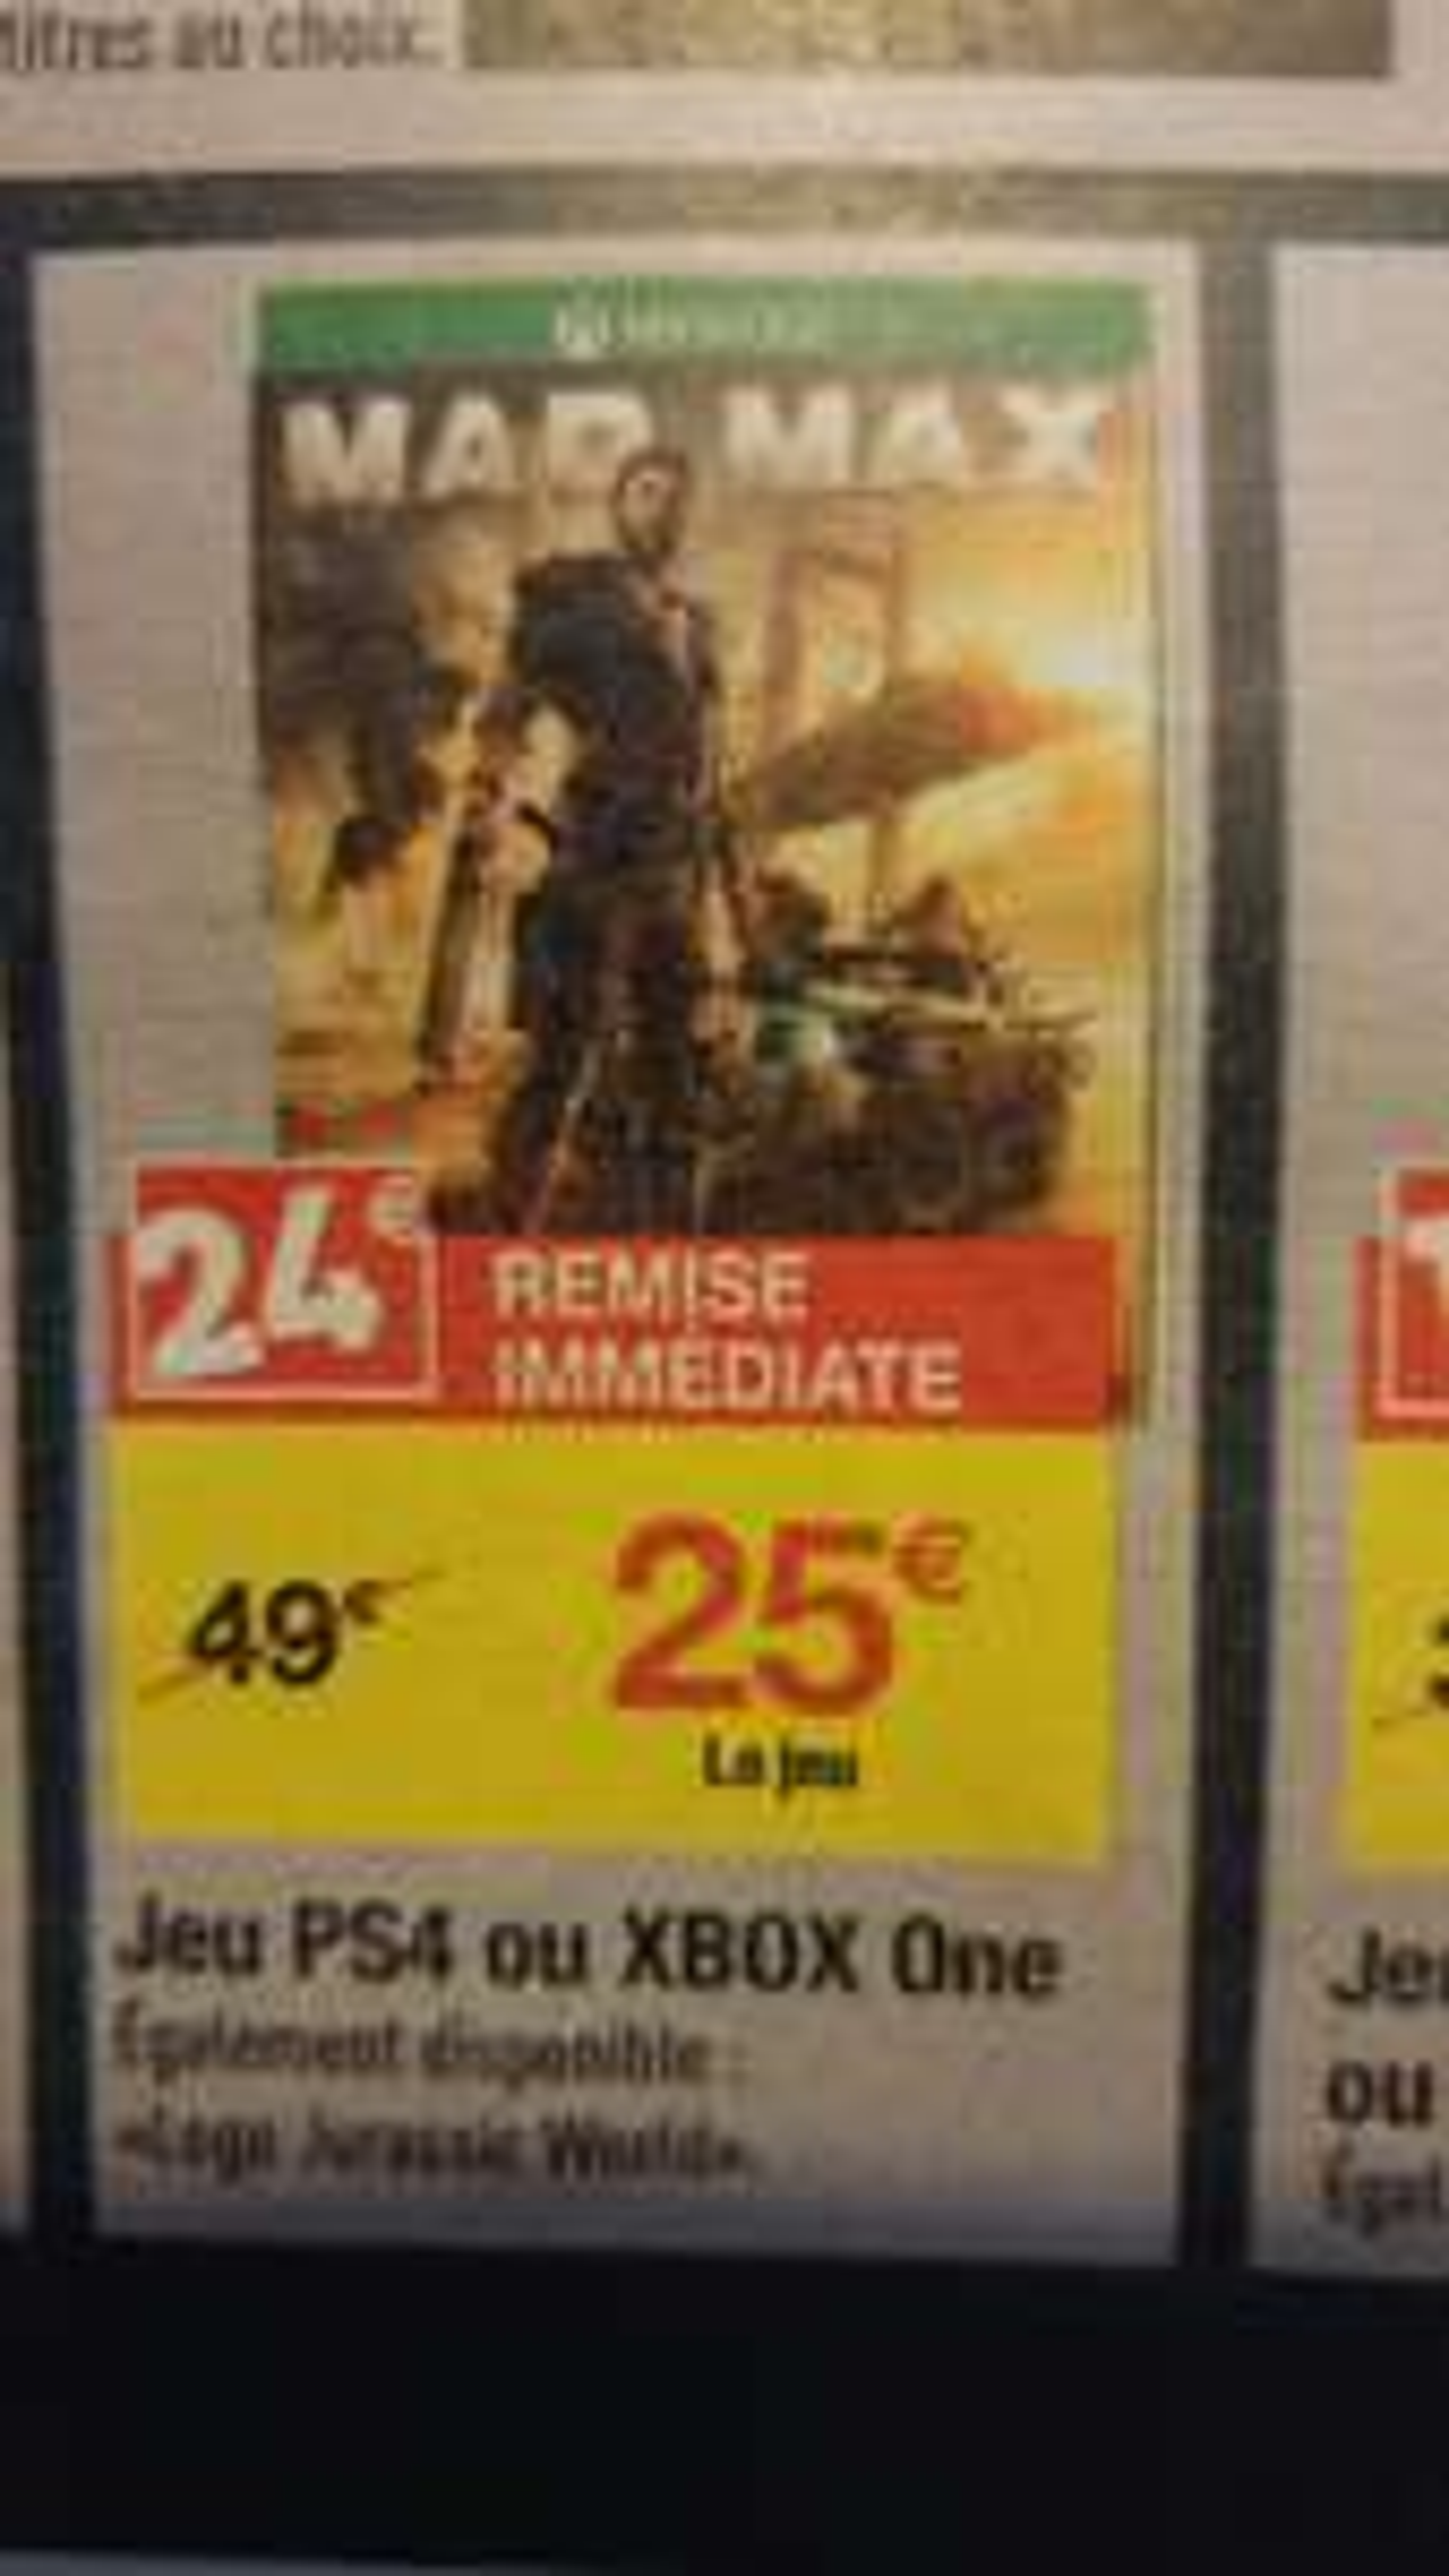 Sélection de jeux PS4 et Xbox One en promotion - Ex : Mad Max